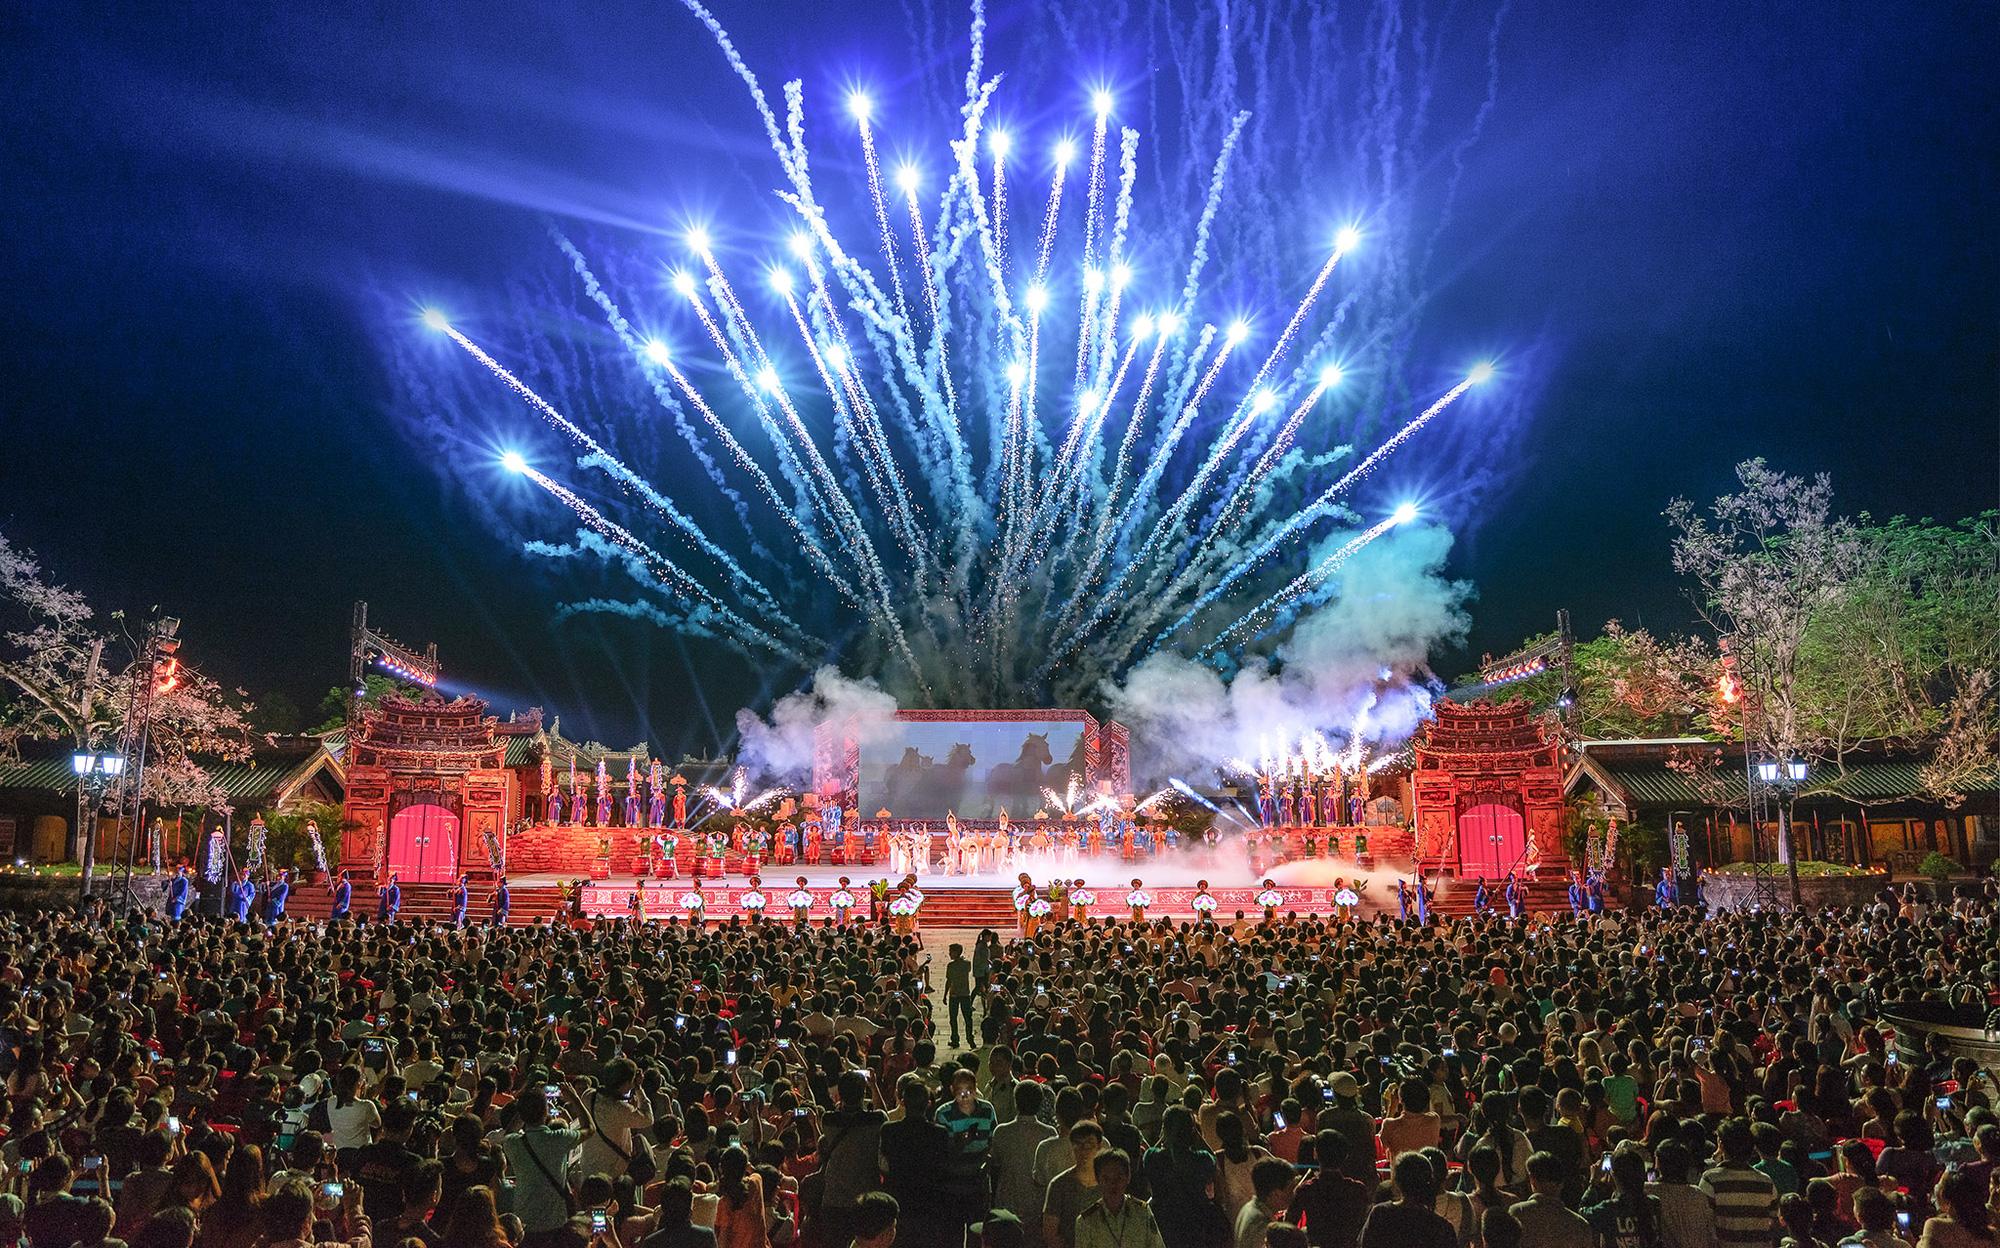 Festival Huế 2020 – Thay đổi thời gian tổ chức lần thứ 2